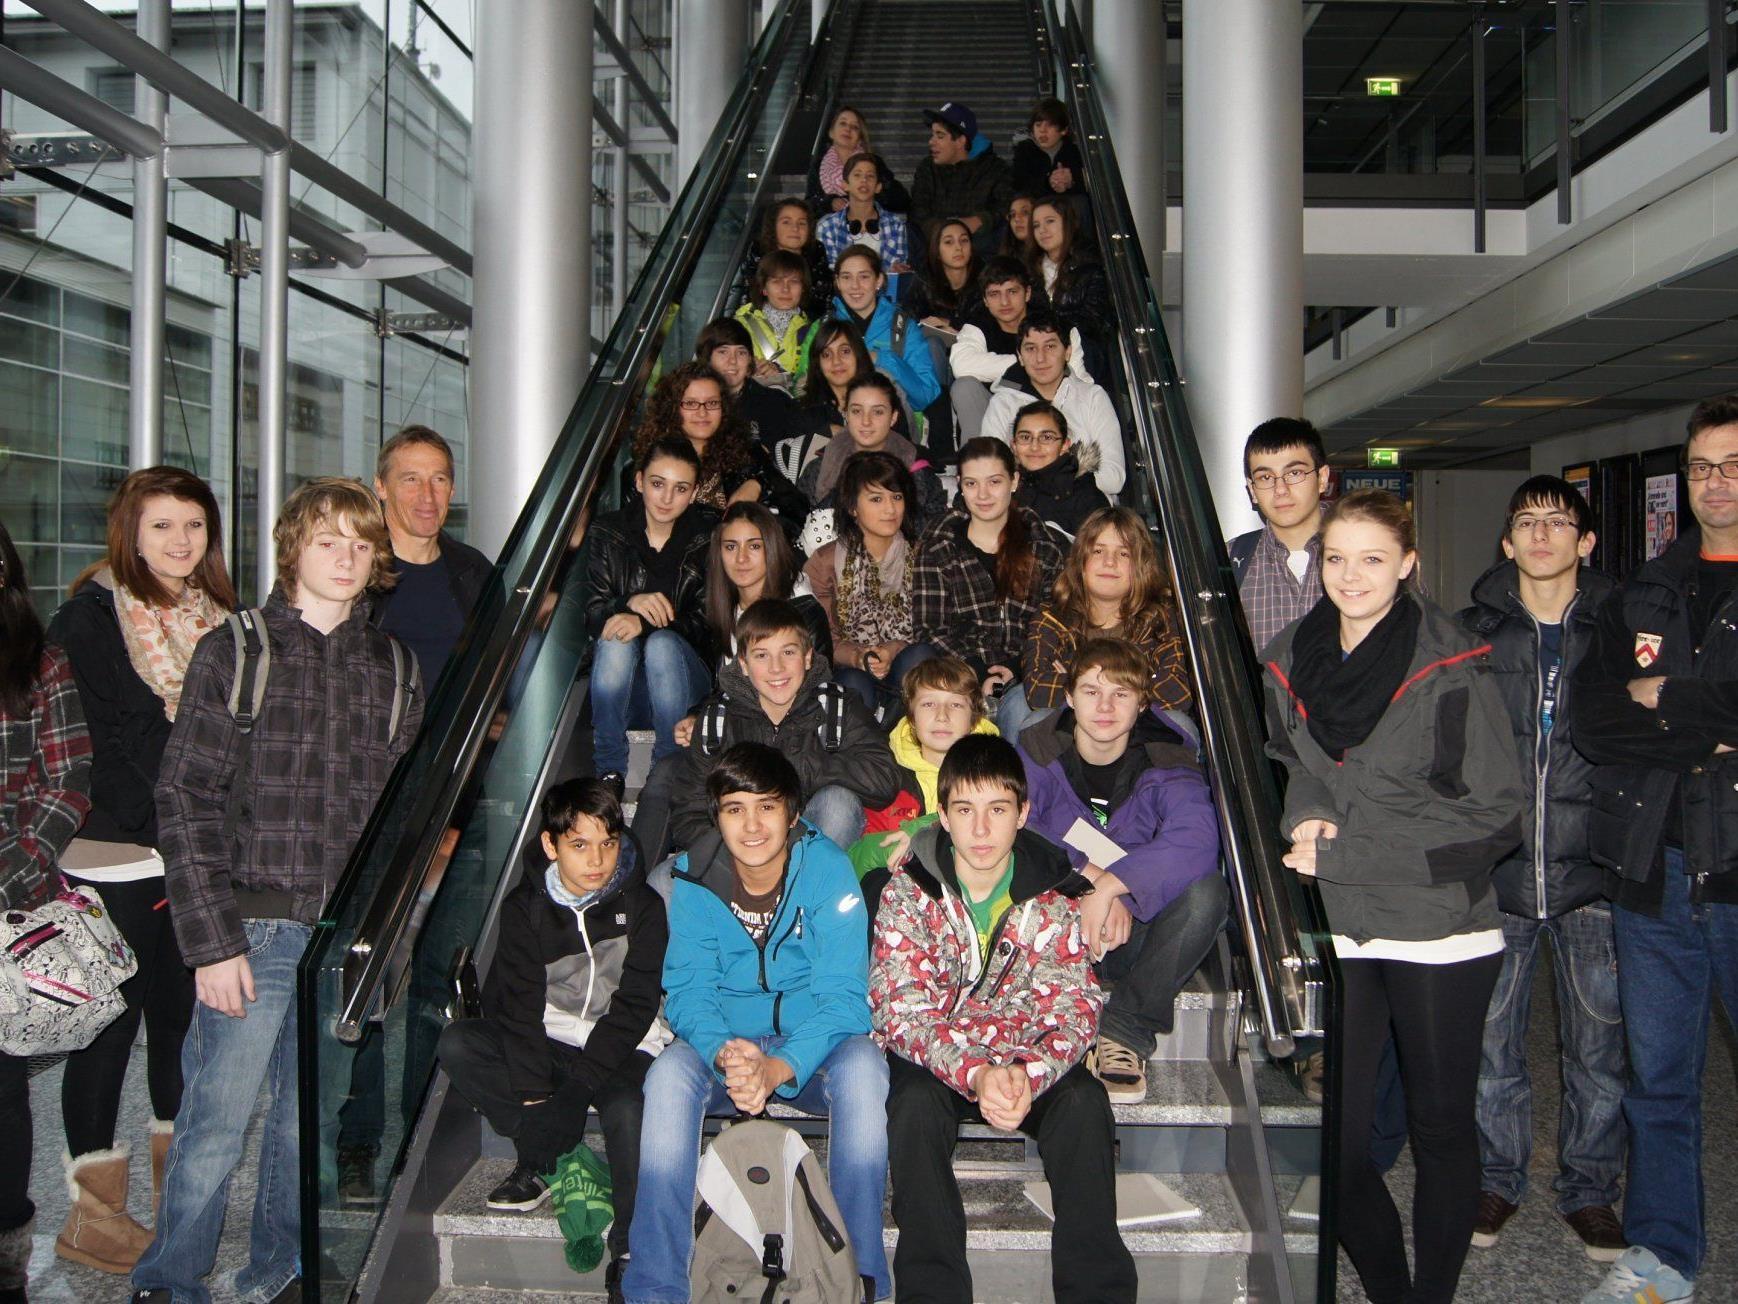 Schülerinnen und Schüler der 4. Klassen der VMS Kirchdorf waren zu Besuch im Medienhaus.